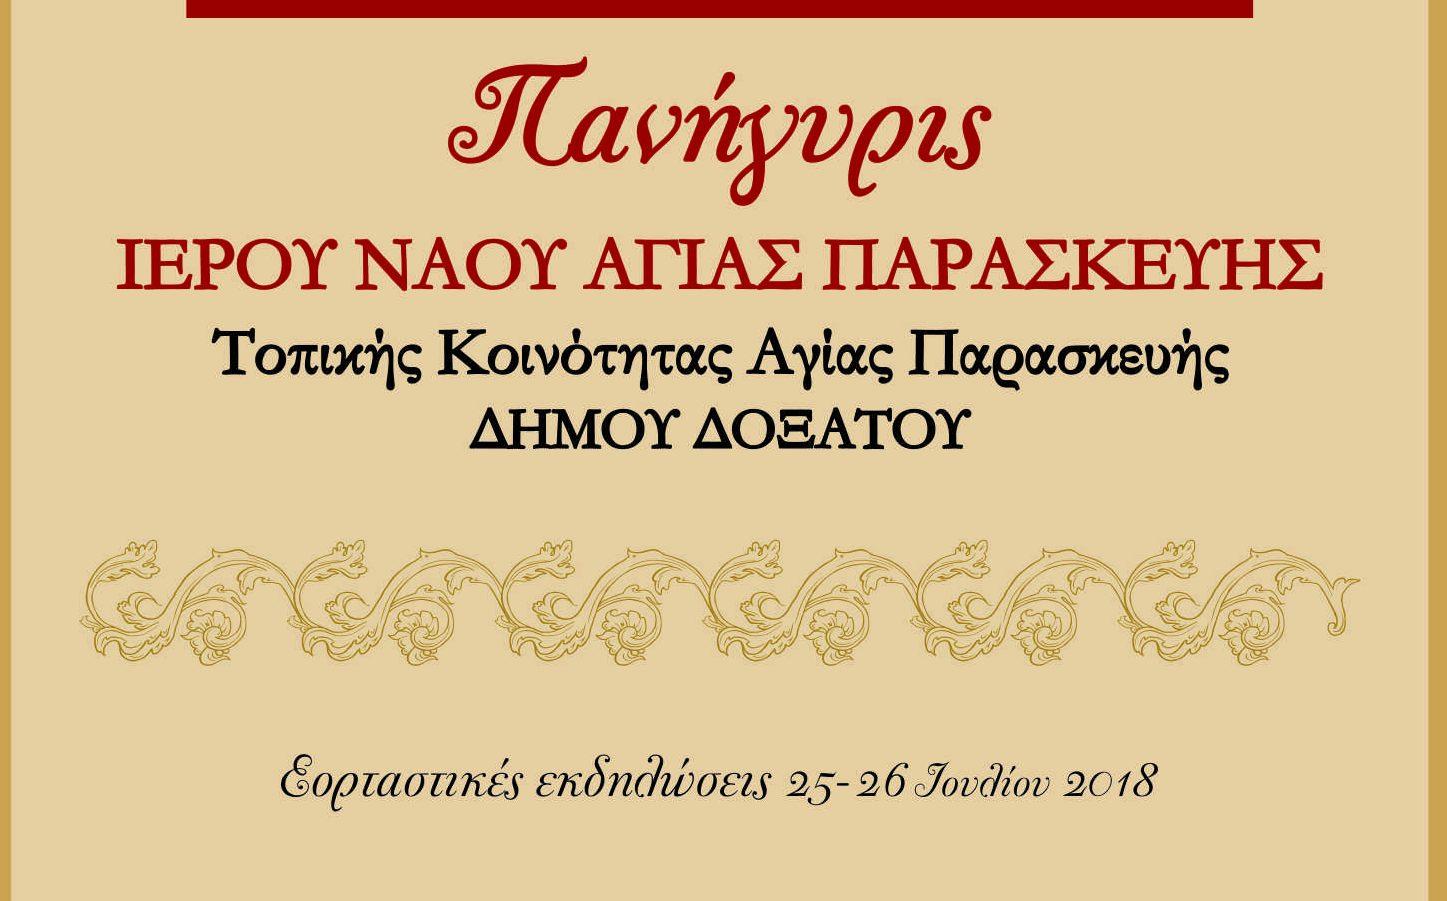 Διήμερες Εορταστικές Εκδηλώσεις στην τ.κ. Αγίας Παρασκευής στα πλαίσια της Μνήμης της Πολιούχου Μεγαλομάρτυρος Αγίας Παρασκευής